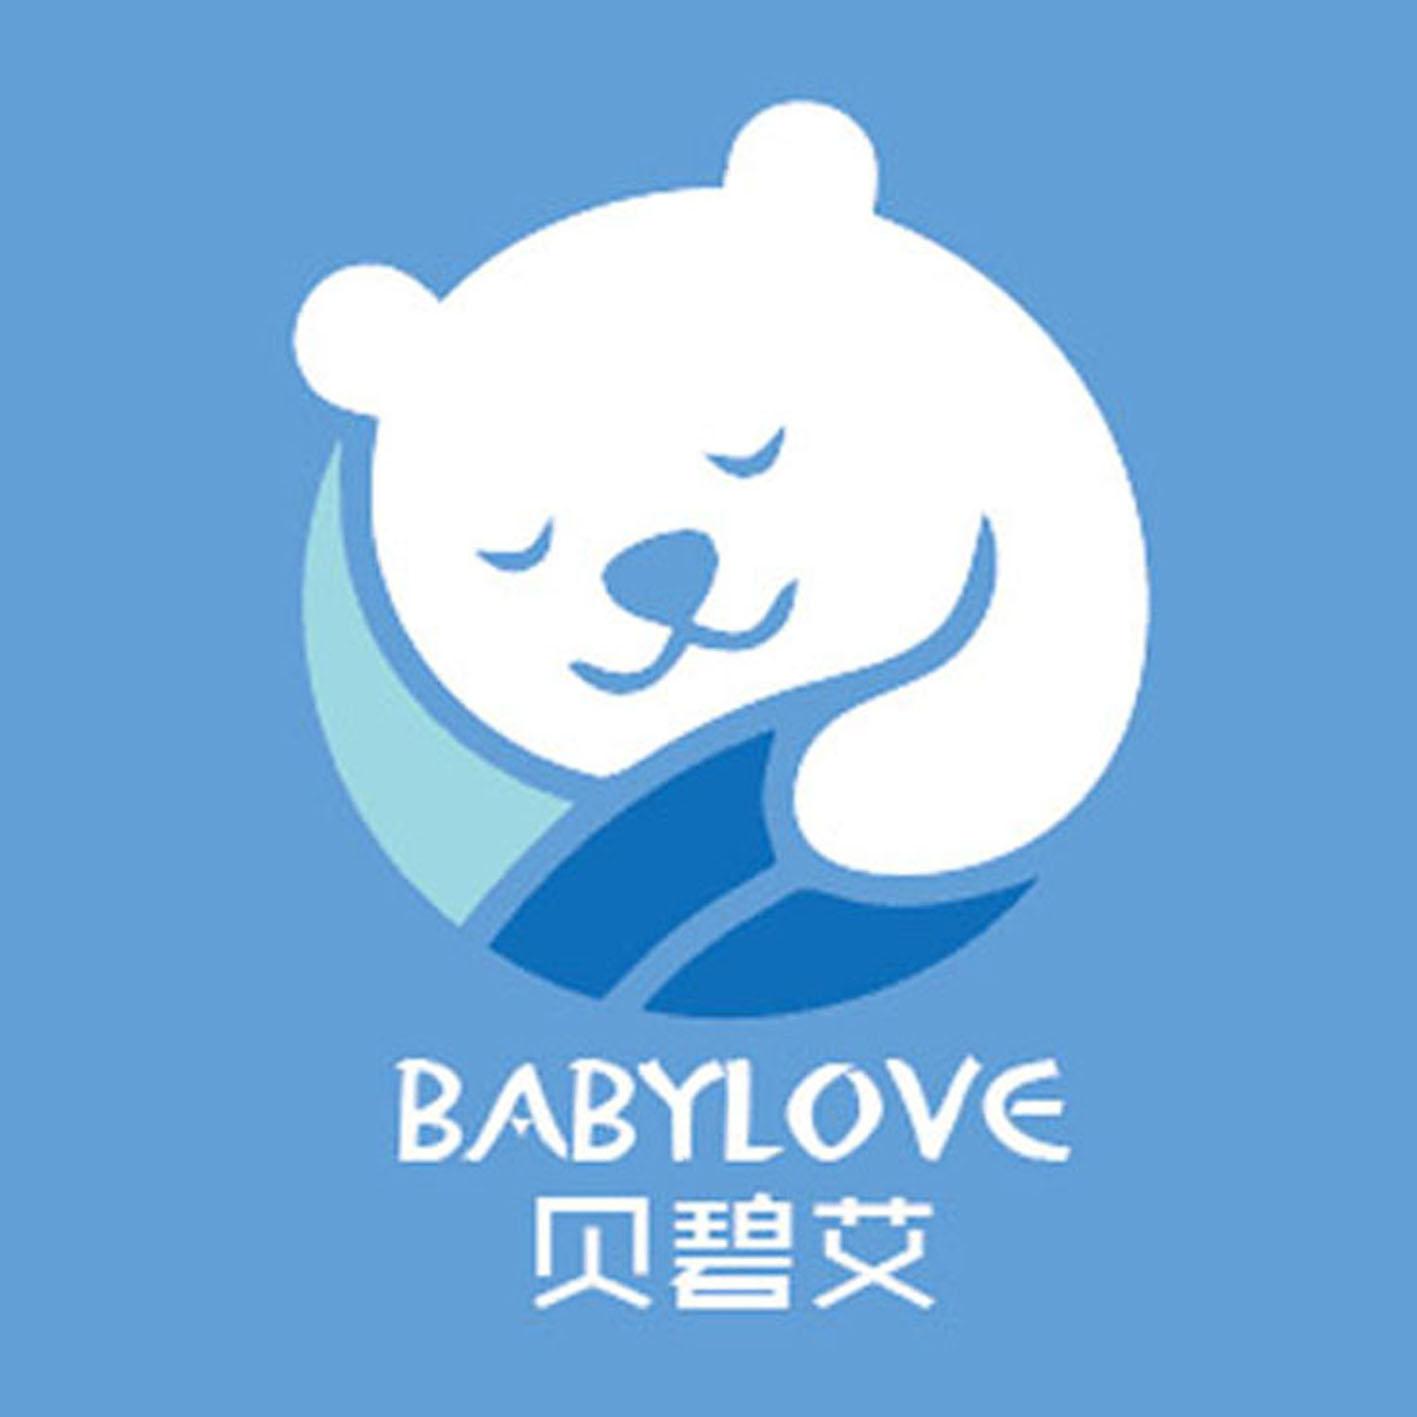 婴儿床垫,婴儿床垫工厂,婴儿床垫生产